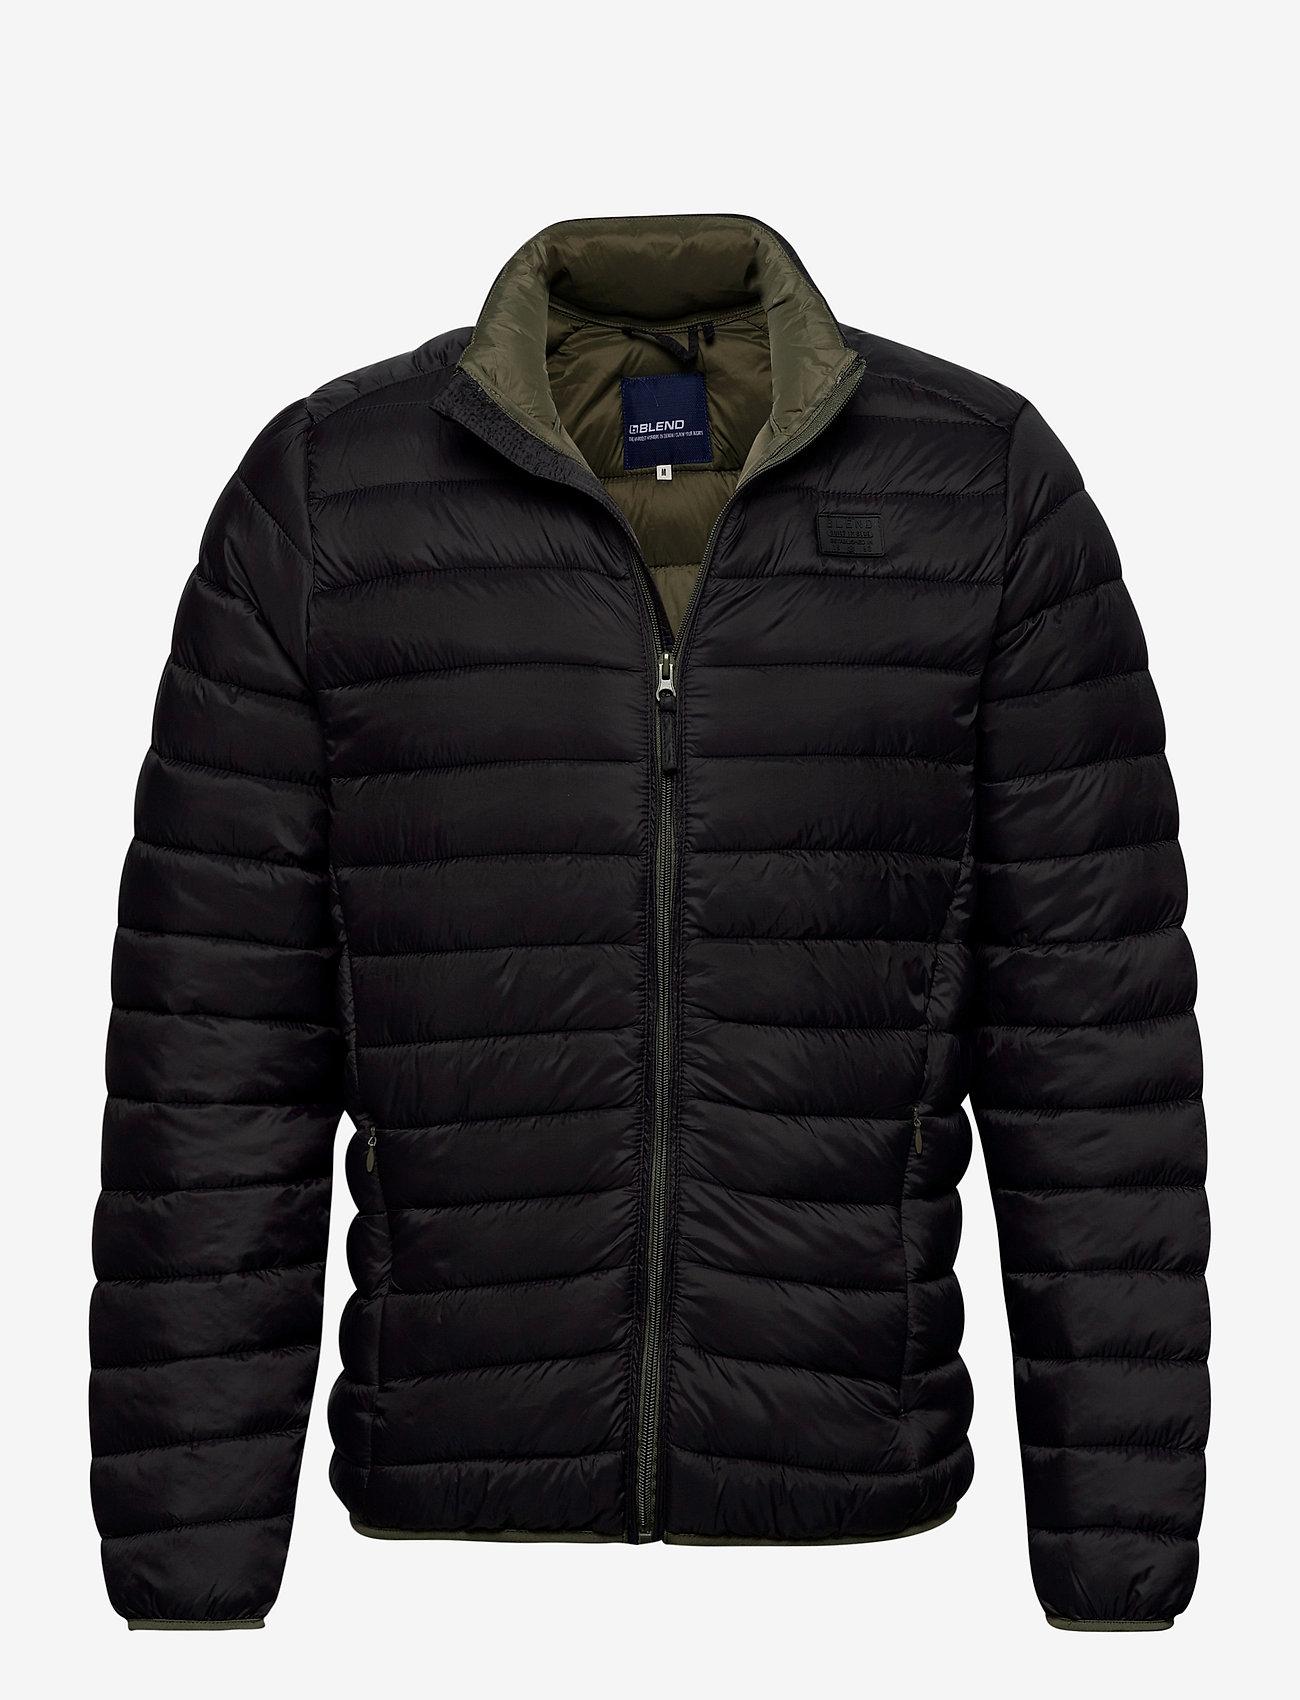 Blend - Outerwear - vestes matelassées - black - 0